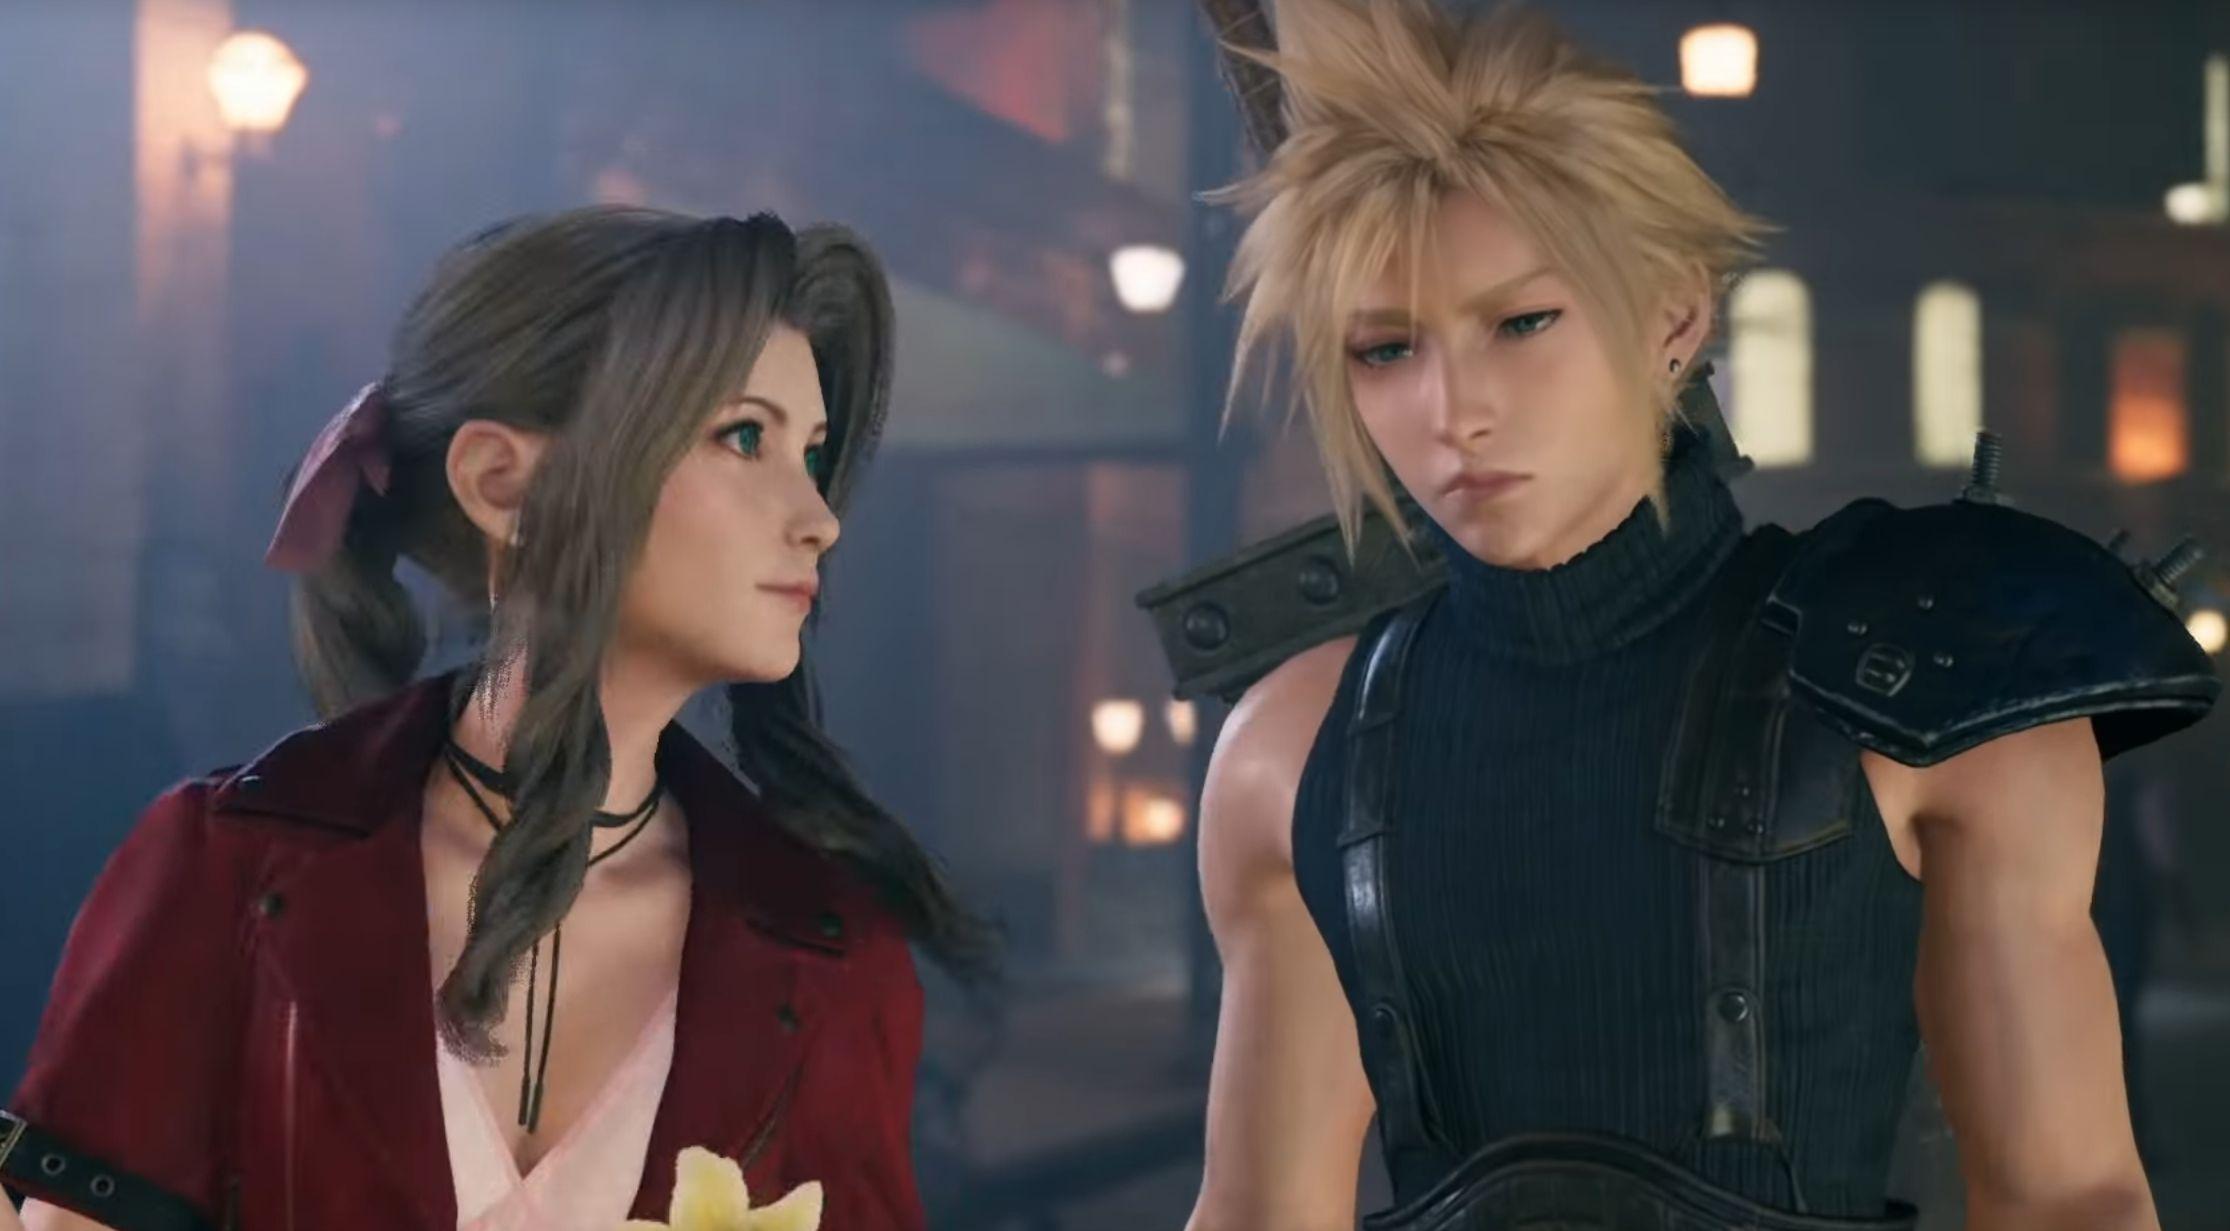 محبوبترین بازیهای هفته از دید مجلهی فامیتسو | سلطنت Final Fantasy 7 Remake ادامه دارد